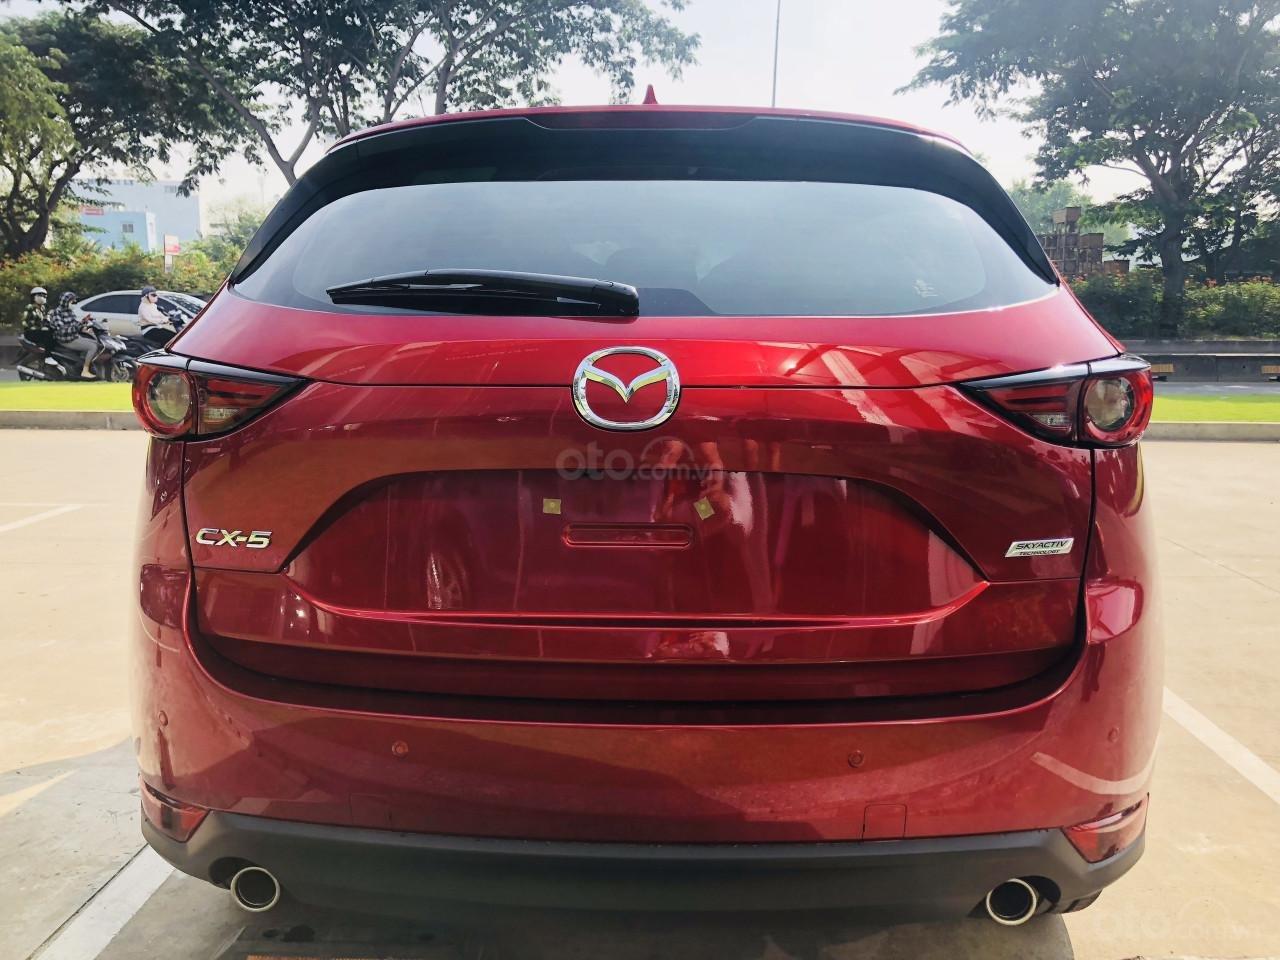 Sở hữu ngay CX5 với ưu đãi lên đến 67 triệu tại Mazda Cộng Hòa (4)